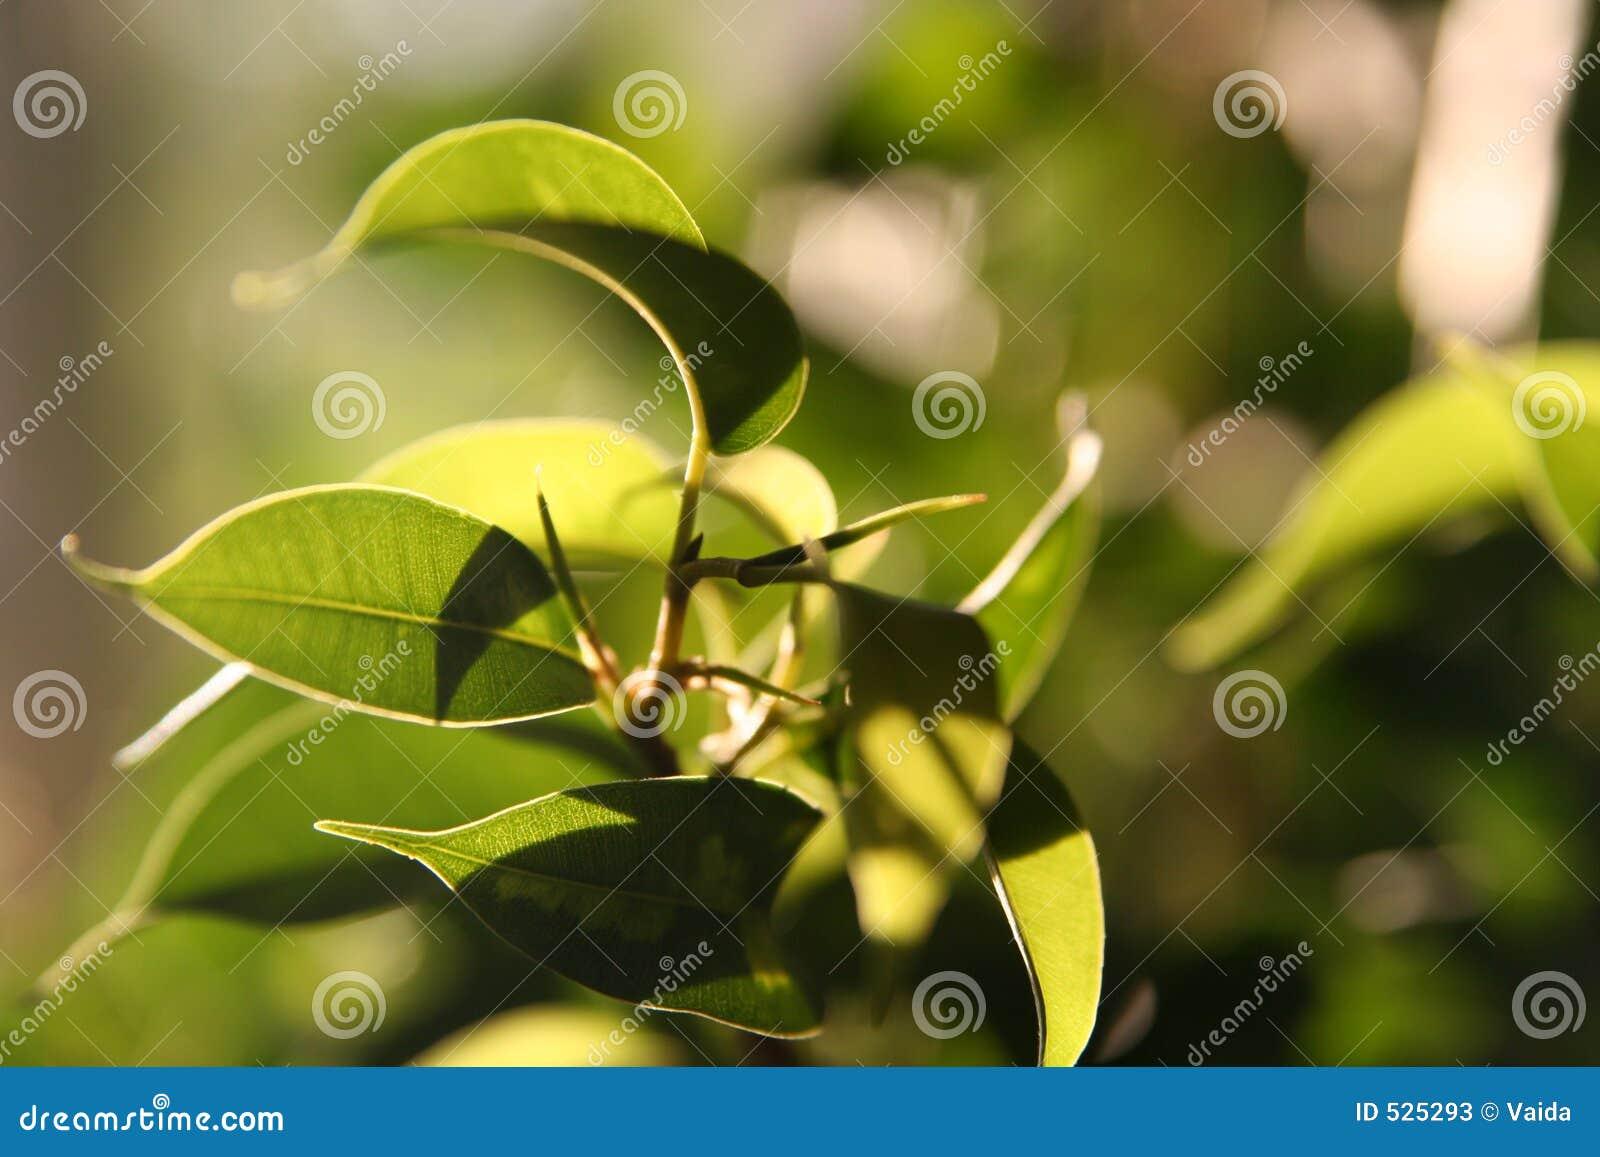 Download 生叶被日光照射了 库存图片. 图片 包括有 春天, 详细资料, 晒裂, 工厂, 植物群, 透明度, 植被, 被日光照射了 - 525293